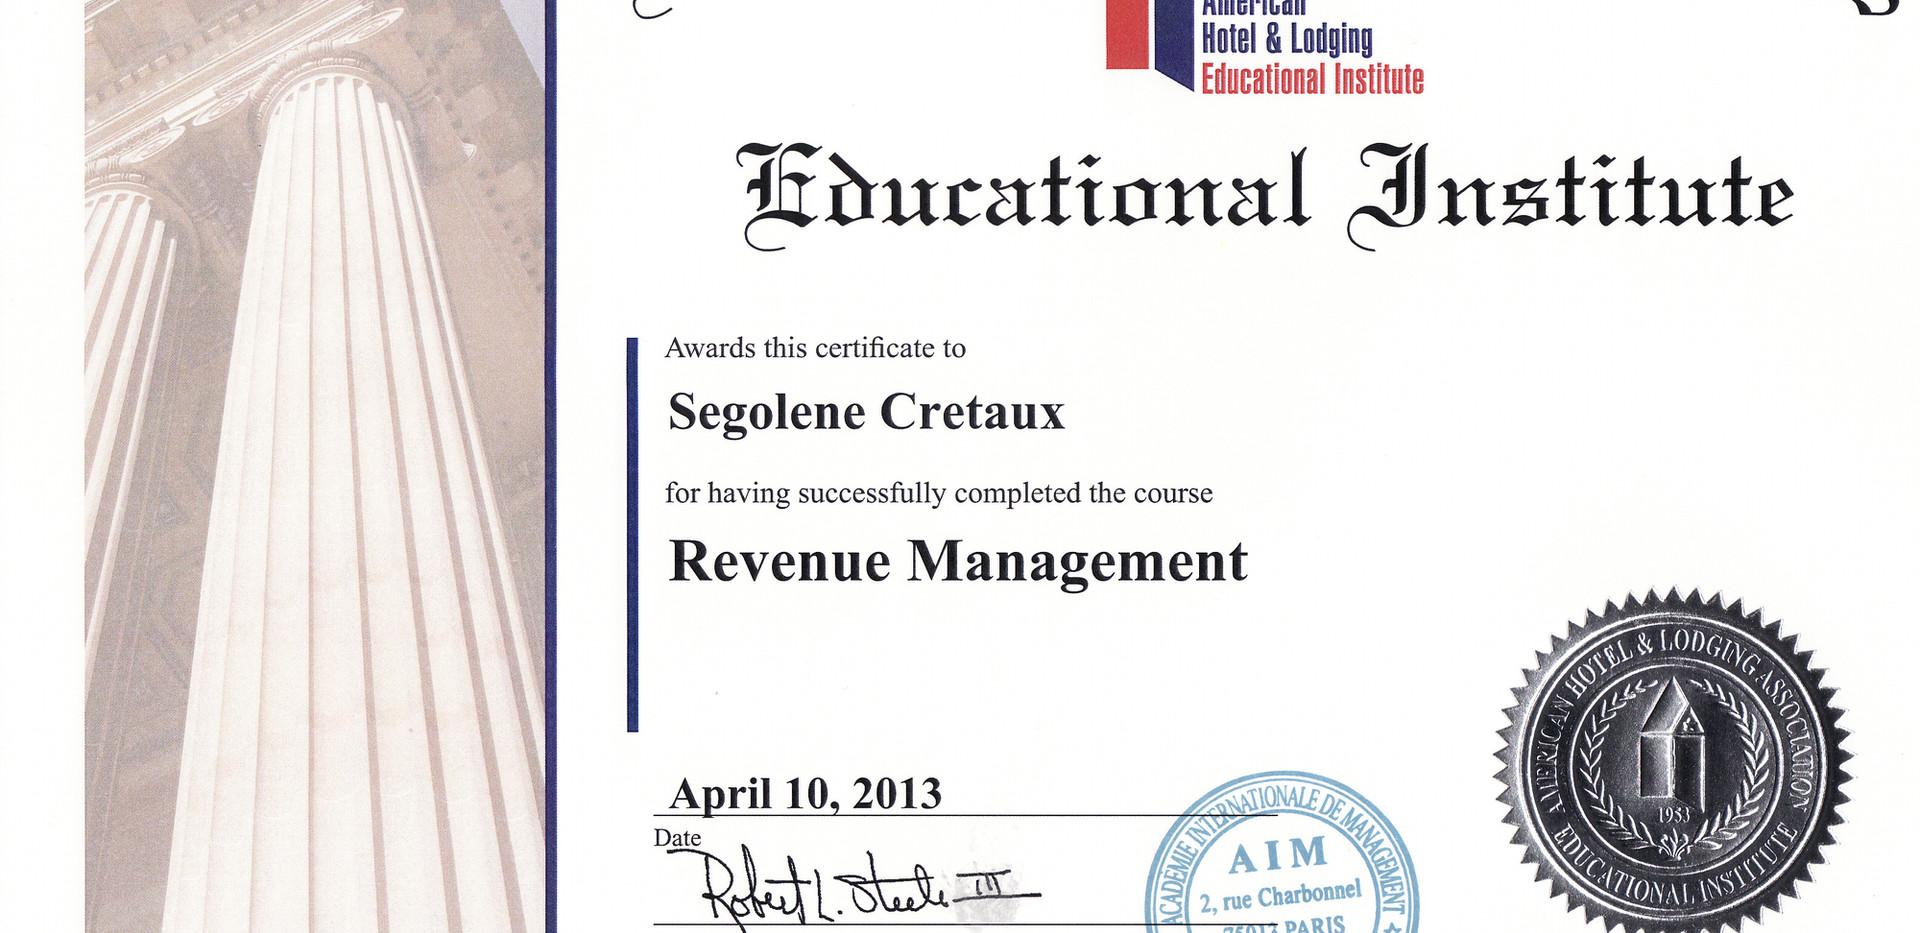 Revenue_Management_scretaux.jpg